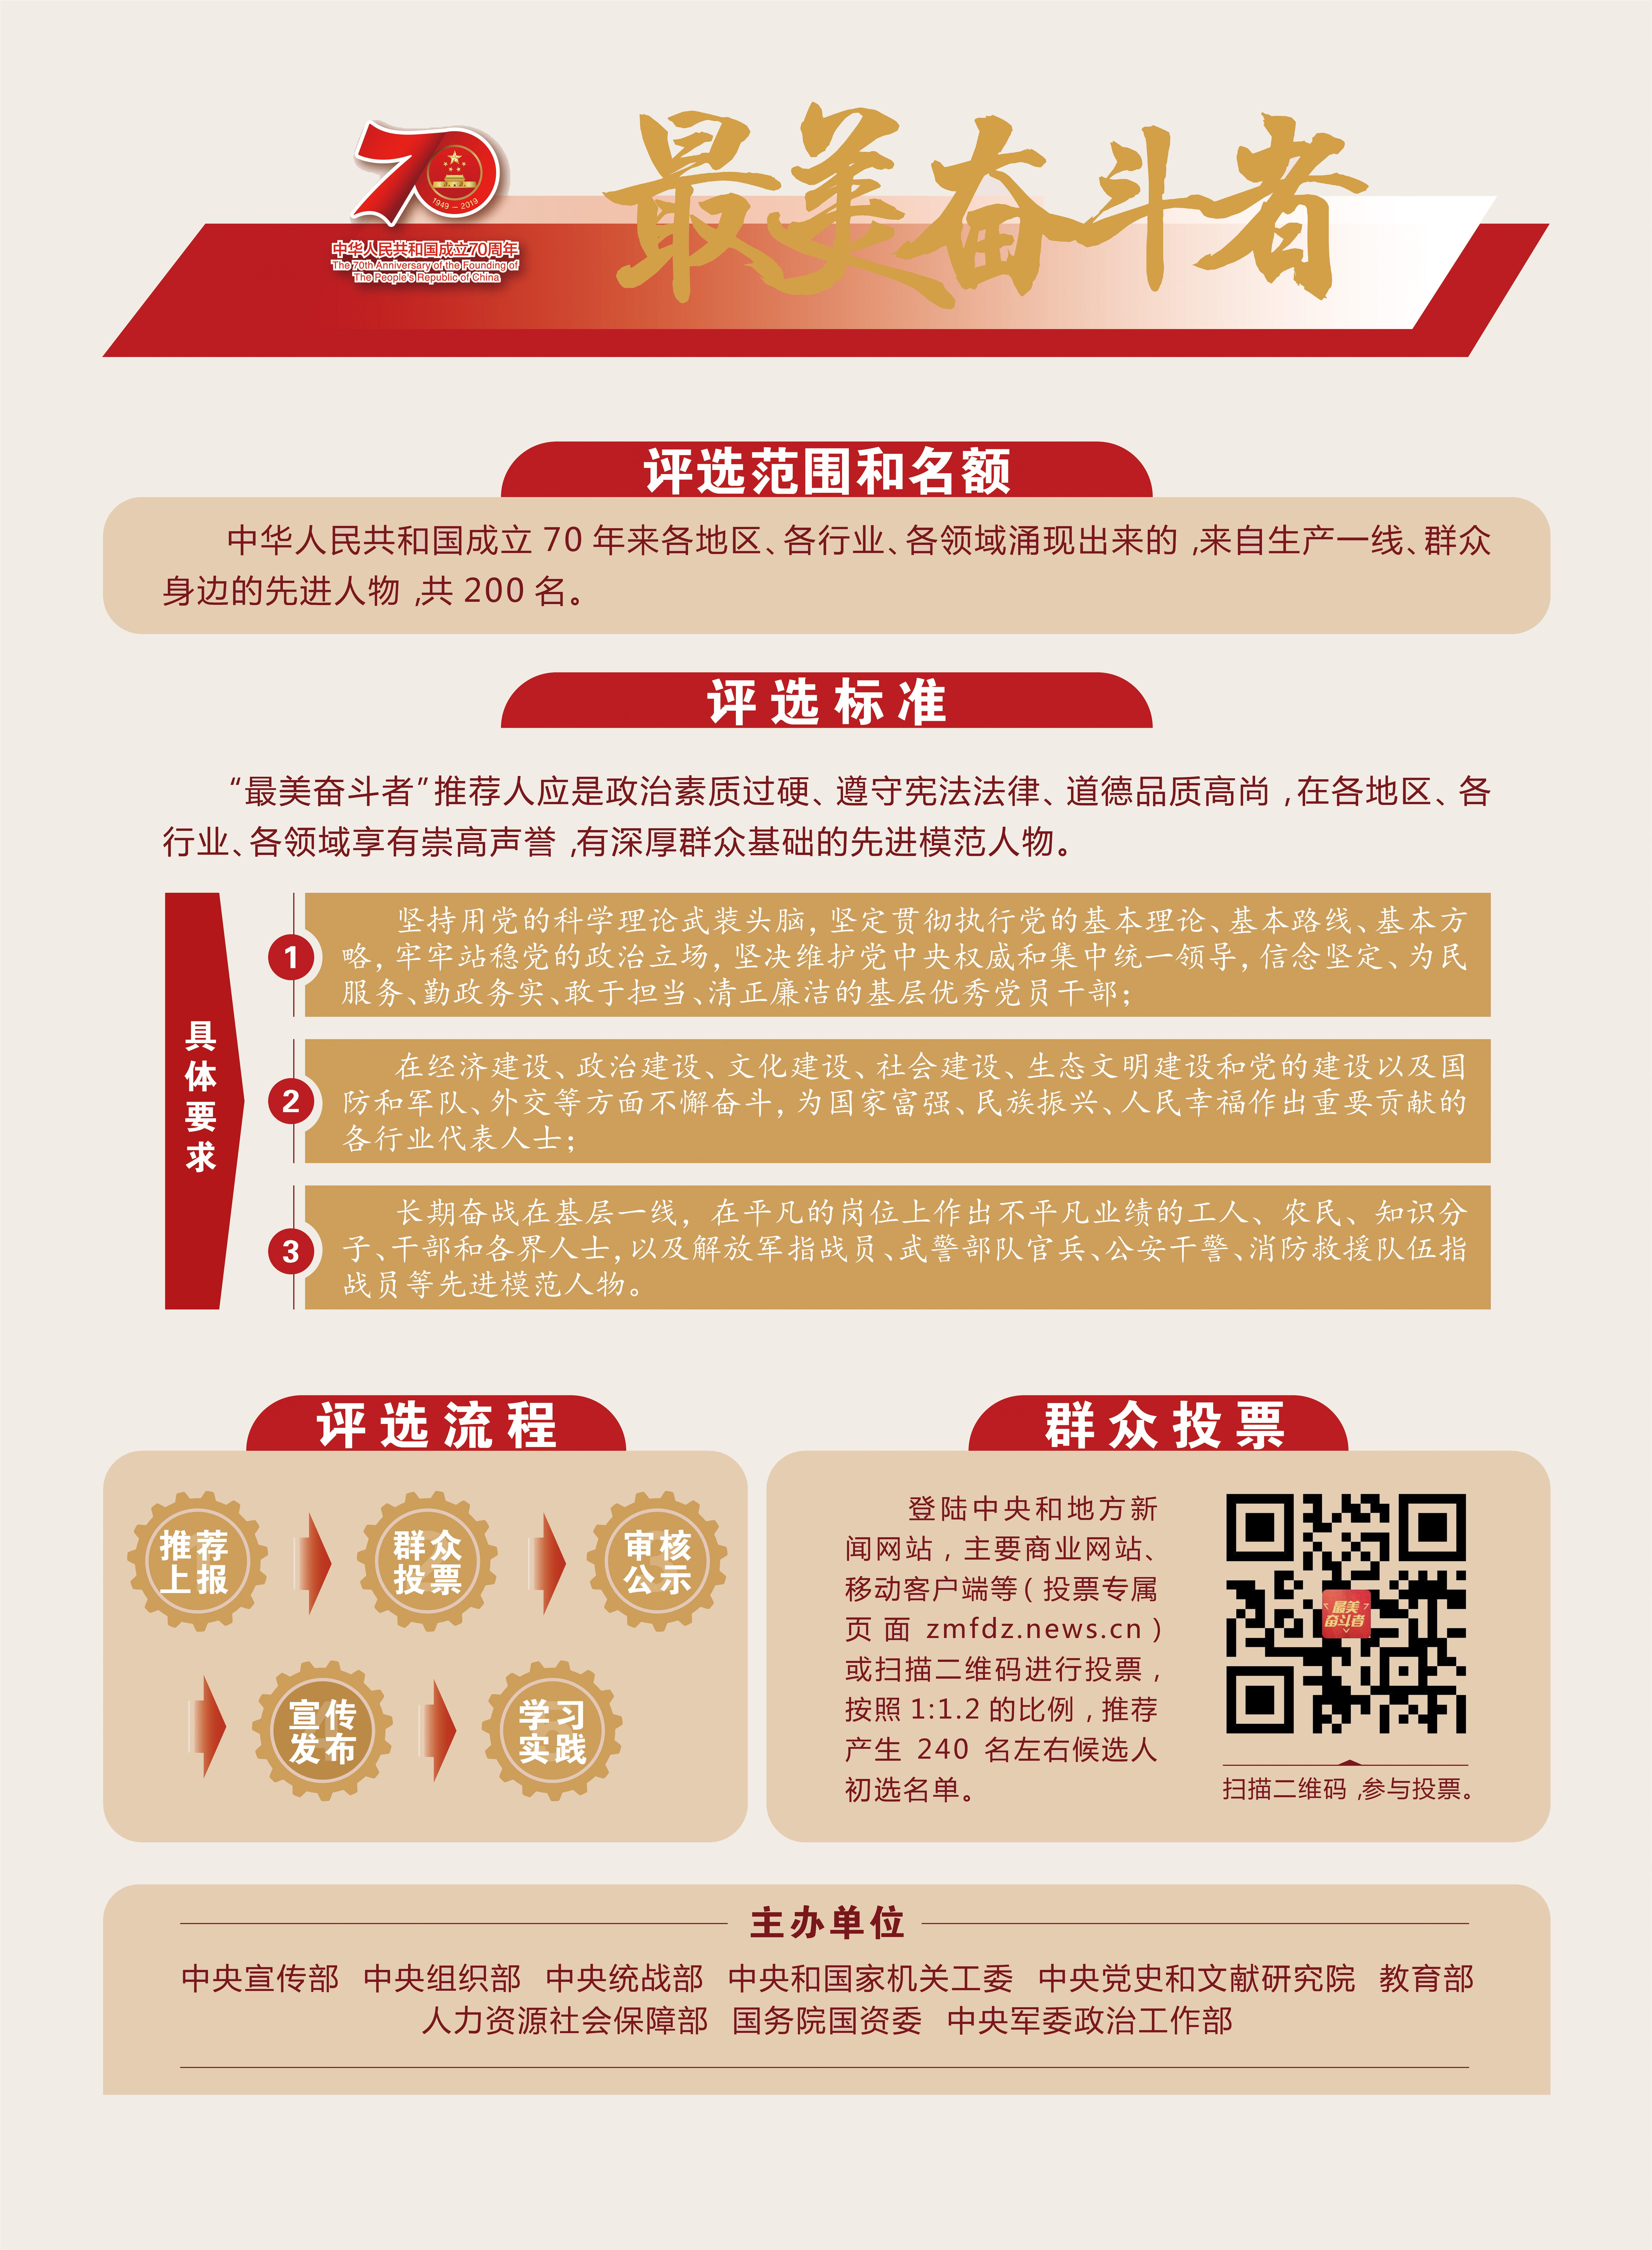 礼赞新中国 奋进新时代——最美奋斗者评选